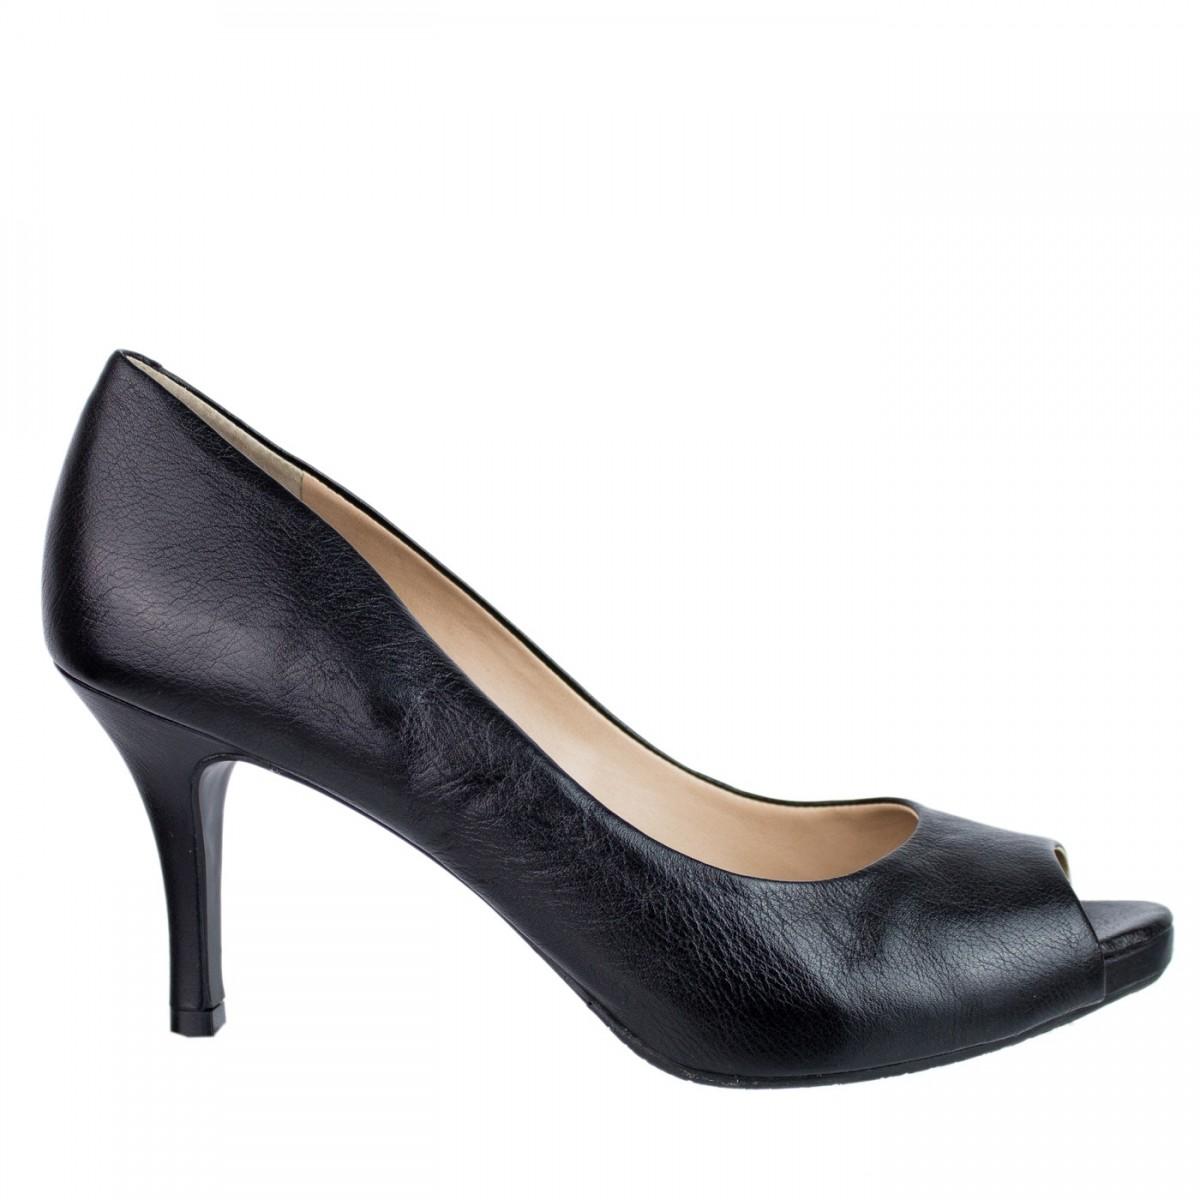 30c4270ee Bizz Store - Sapato Peep Toe Feminino Luz da Lua Salto Alto